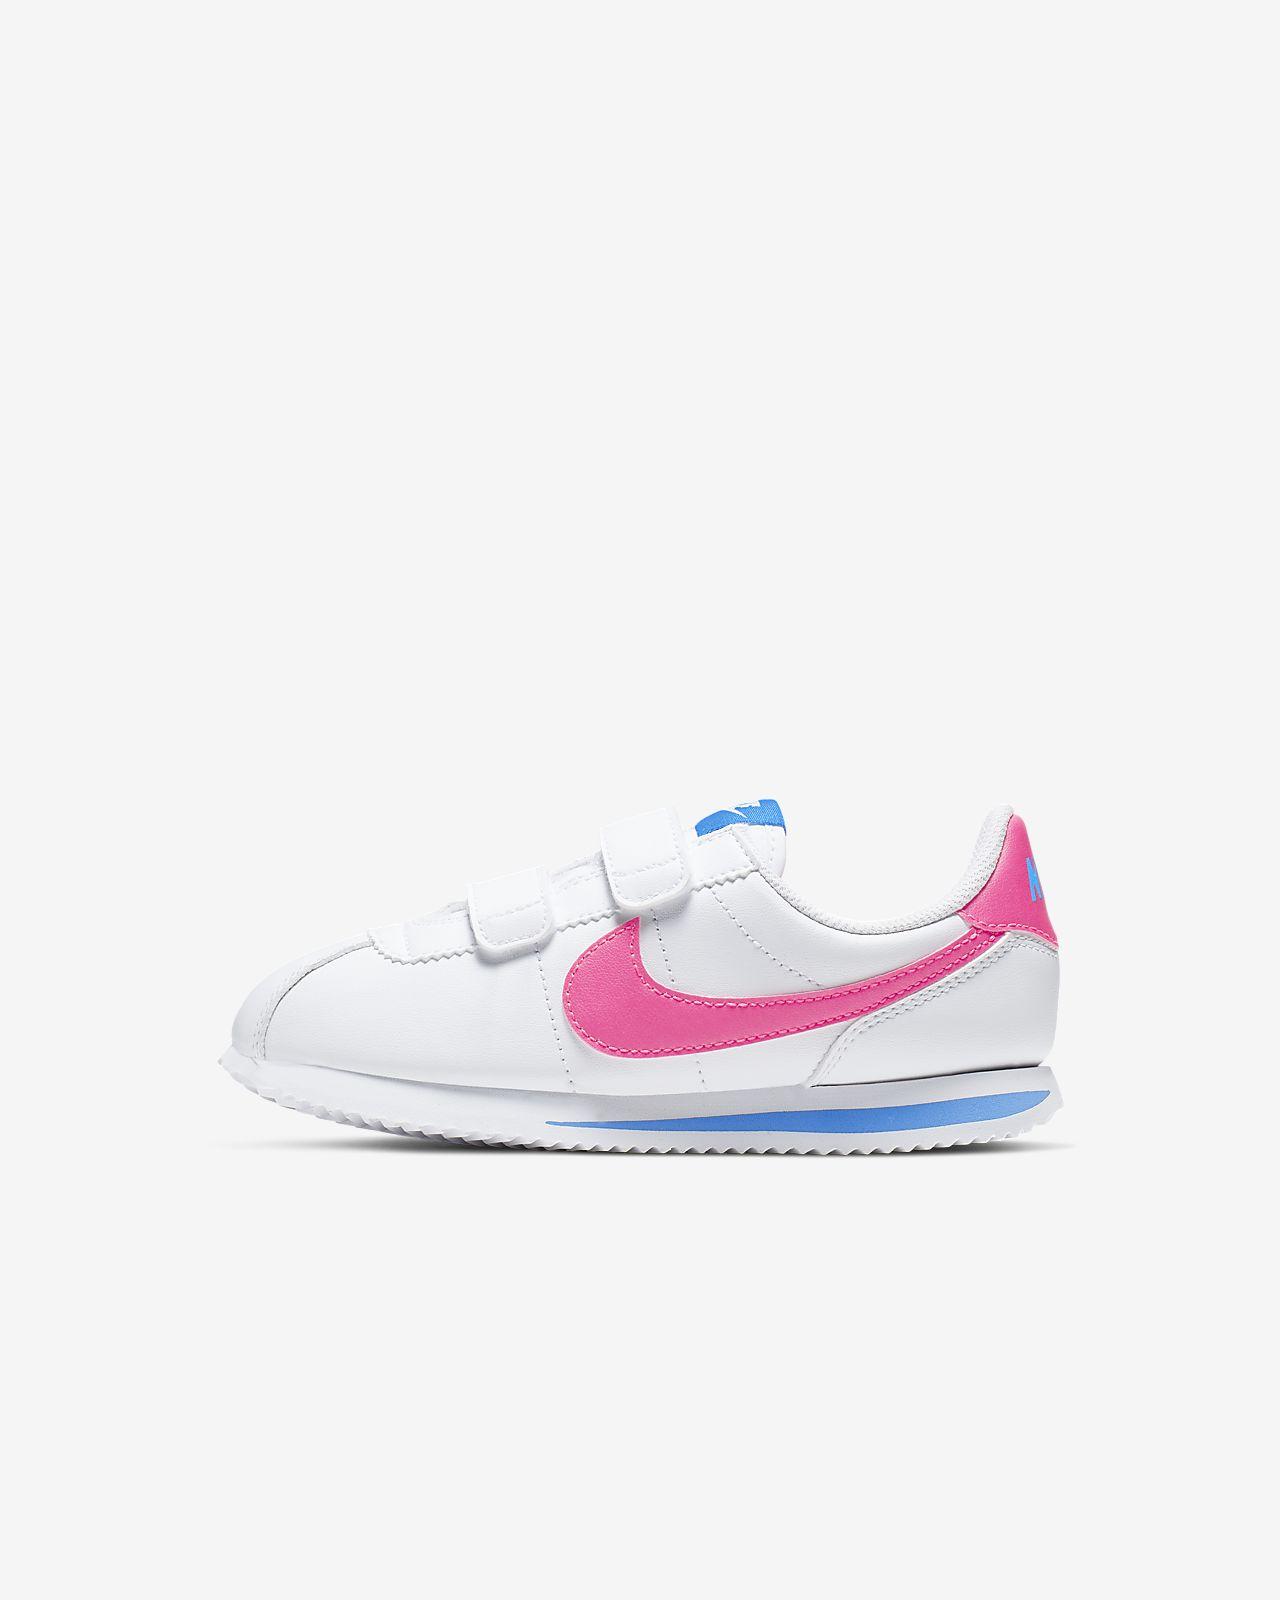 hurtownia online super słodki kup tanio Buty dla małych dzieci Nike Cortez Basic SL